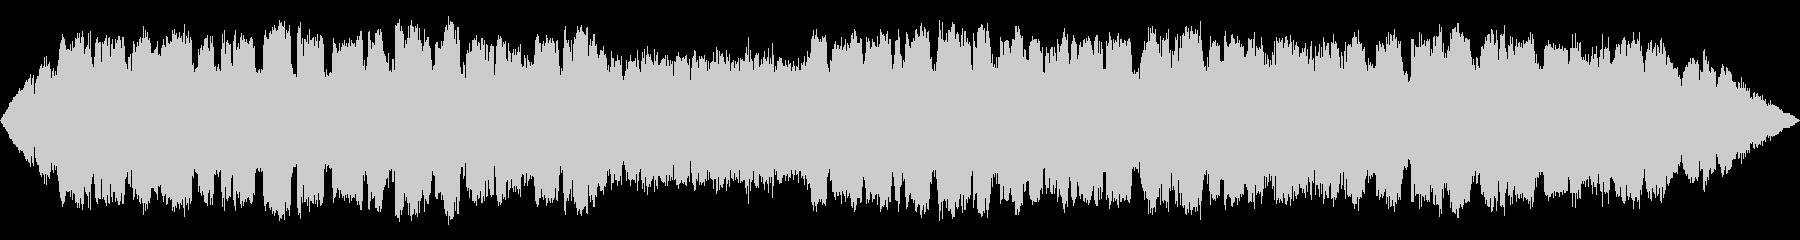 不思議な森の静かな笛のBGMの未再生の波形